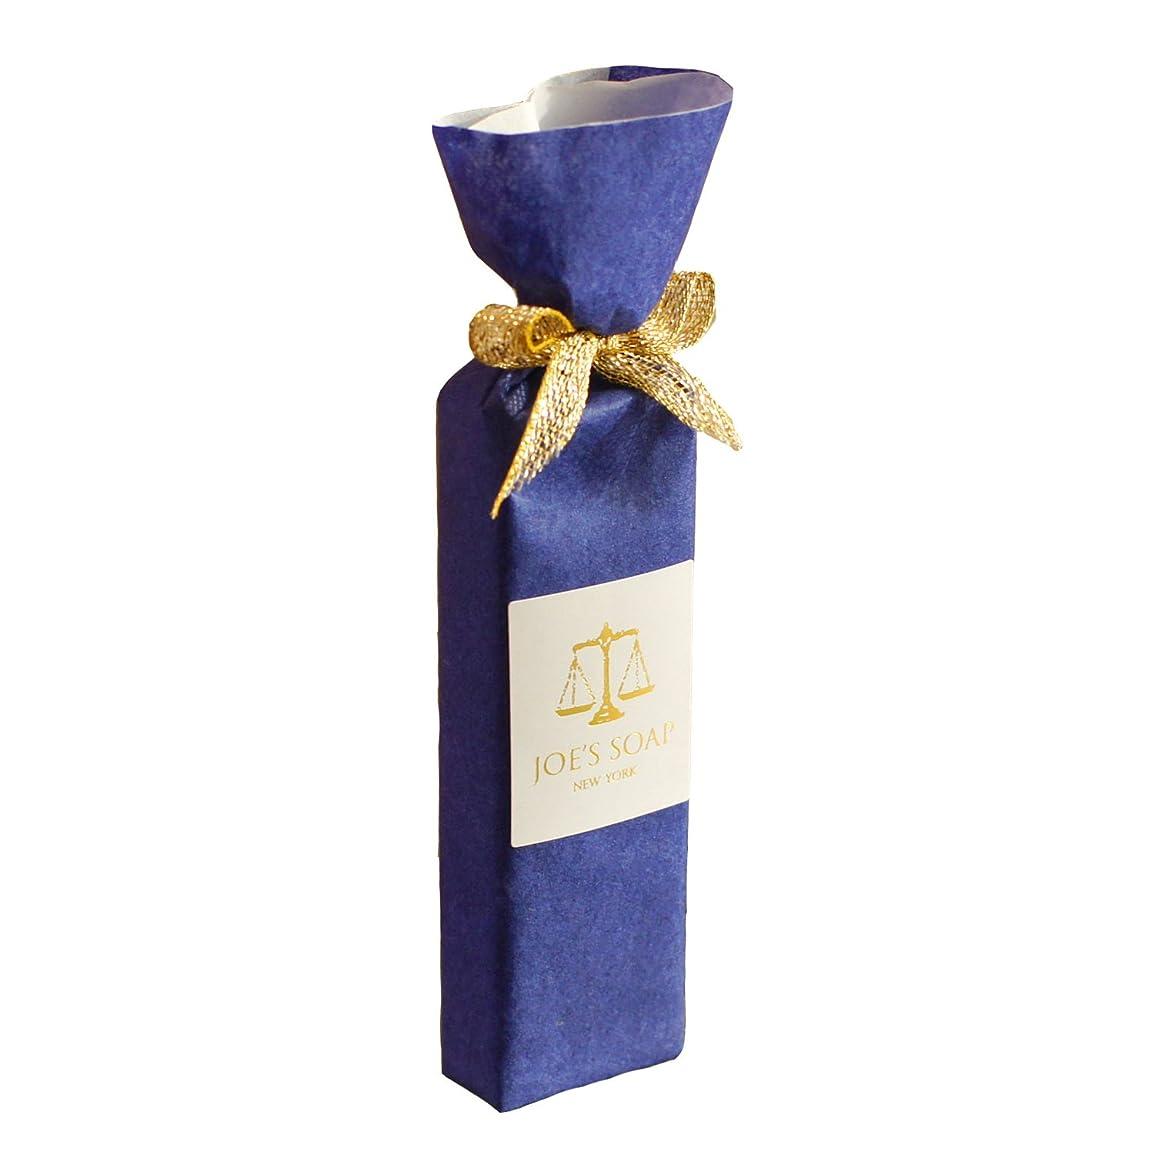 タップ労苦うんJOE'S SOAP ジョーズソープ オリーブソープ NO.5 LAVENDER ラベンダー20g お試し トライアル 無添加  石鹸 オーガニック 保湿 洗顔 乾燥肌 敏感肌